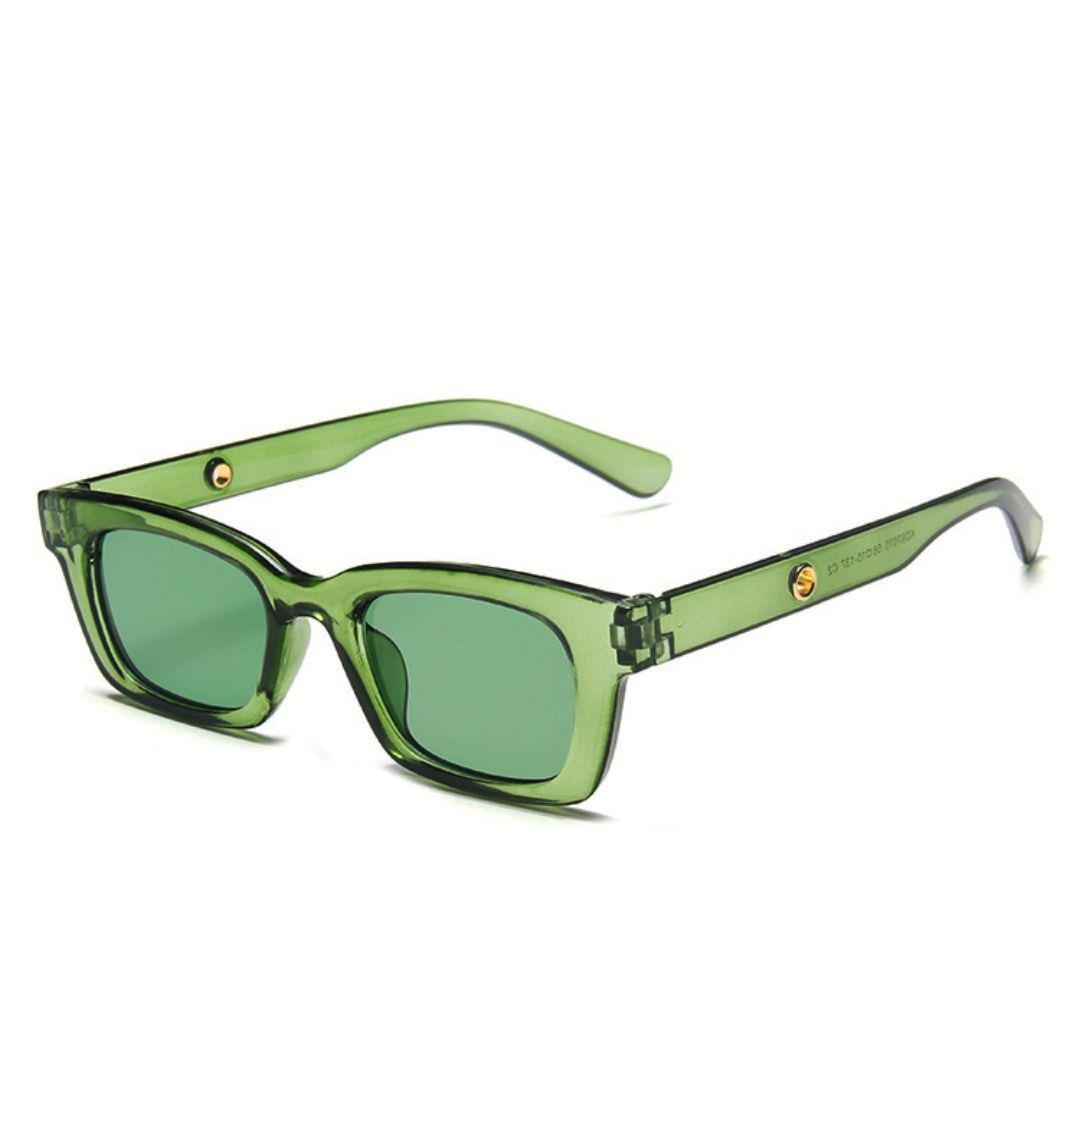 Óculos de Sol Quadrado Retangular Verde Transparente Colorido UV400 - Sunone